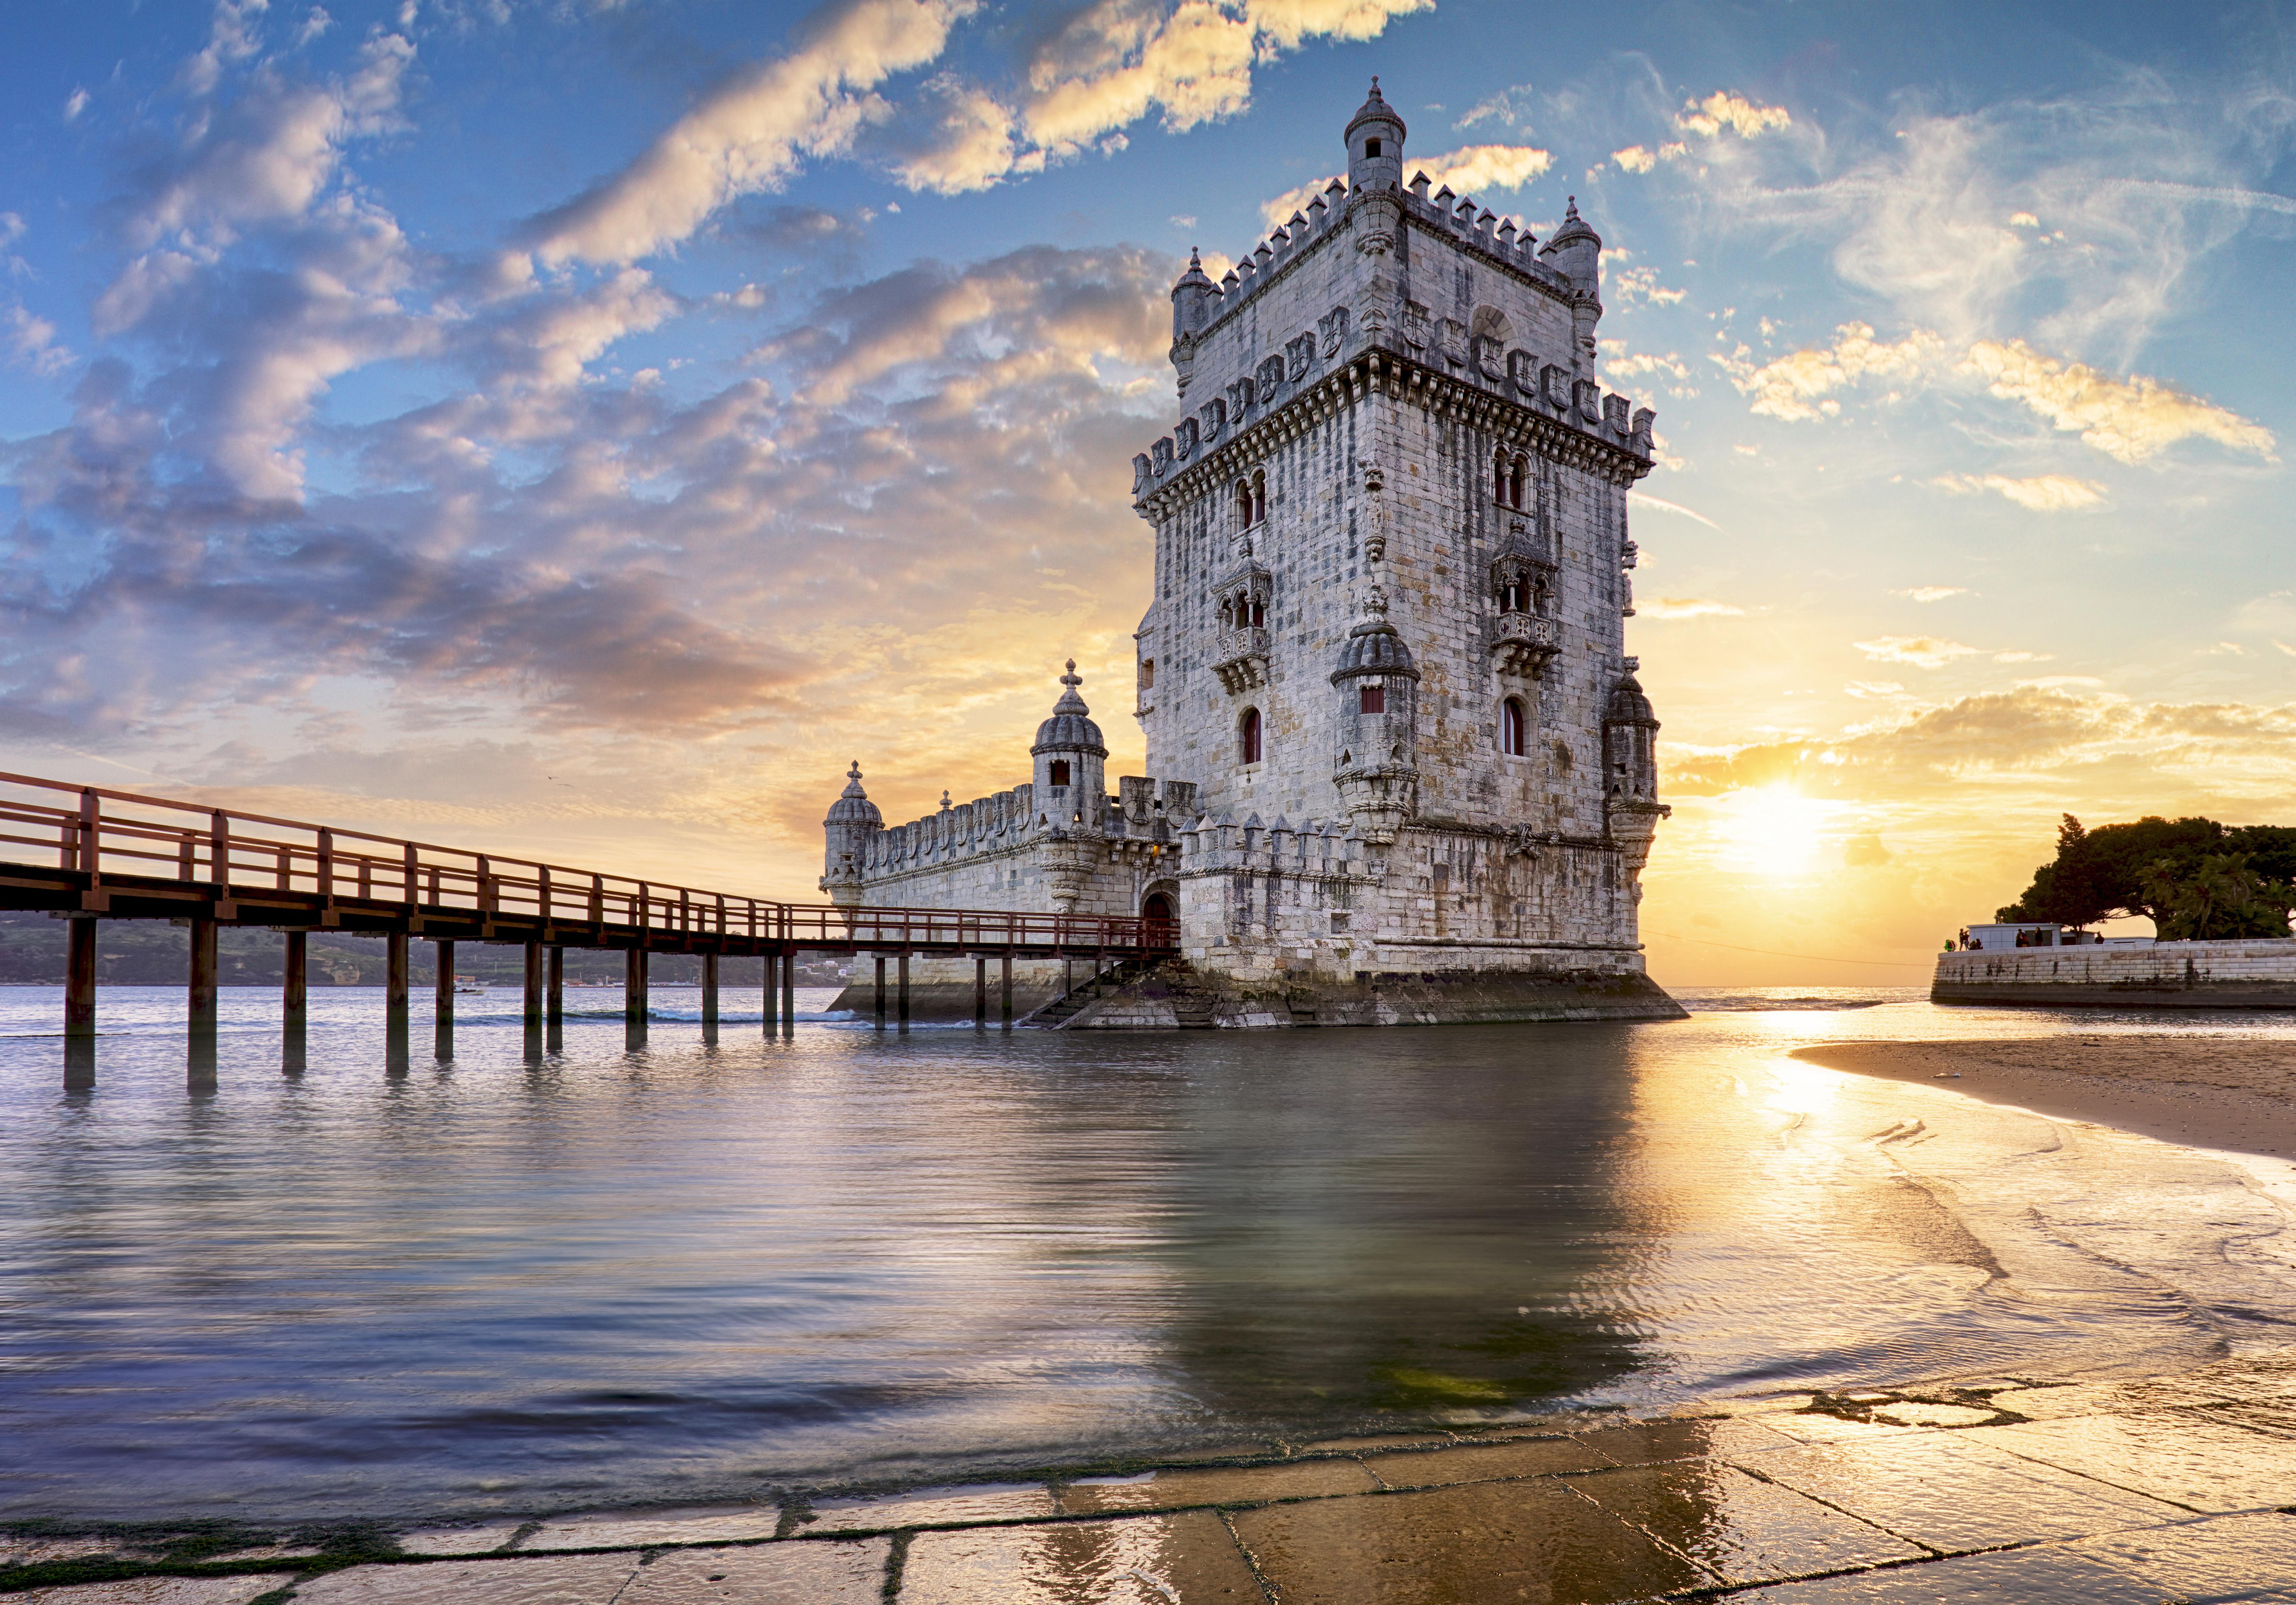 Башня Белем в Португалии, куда можно переехать из стран СНГ